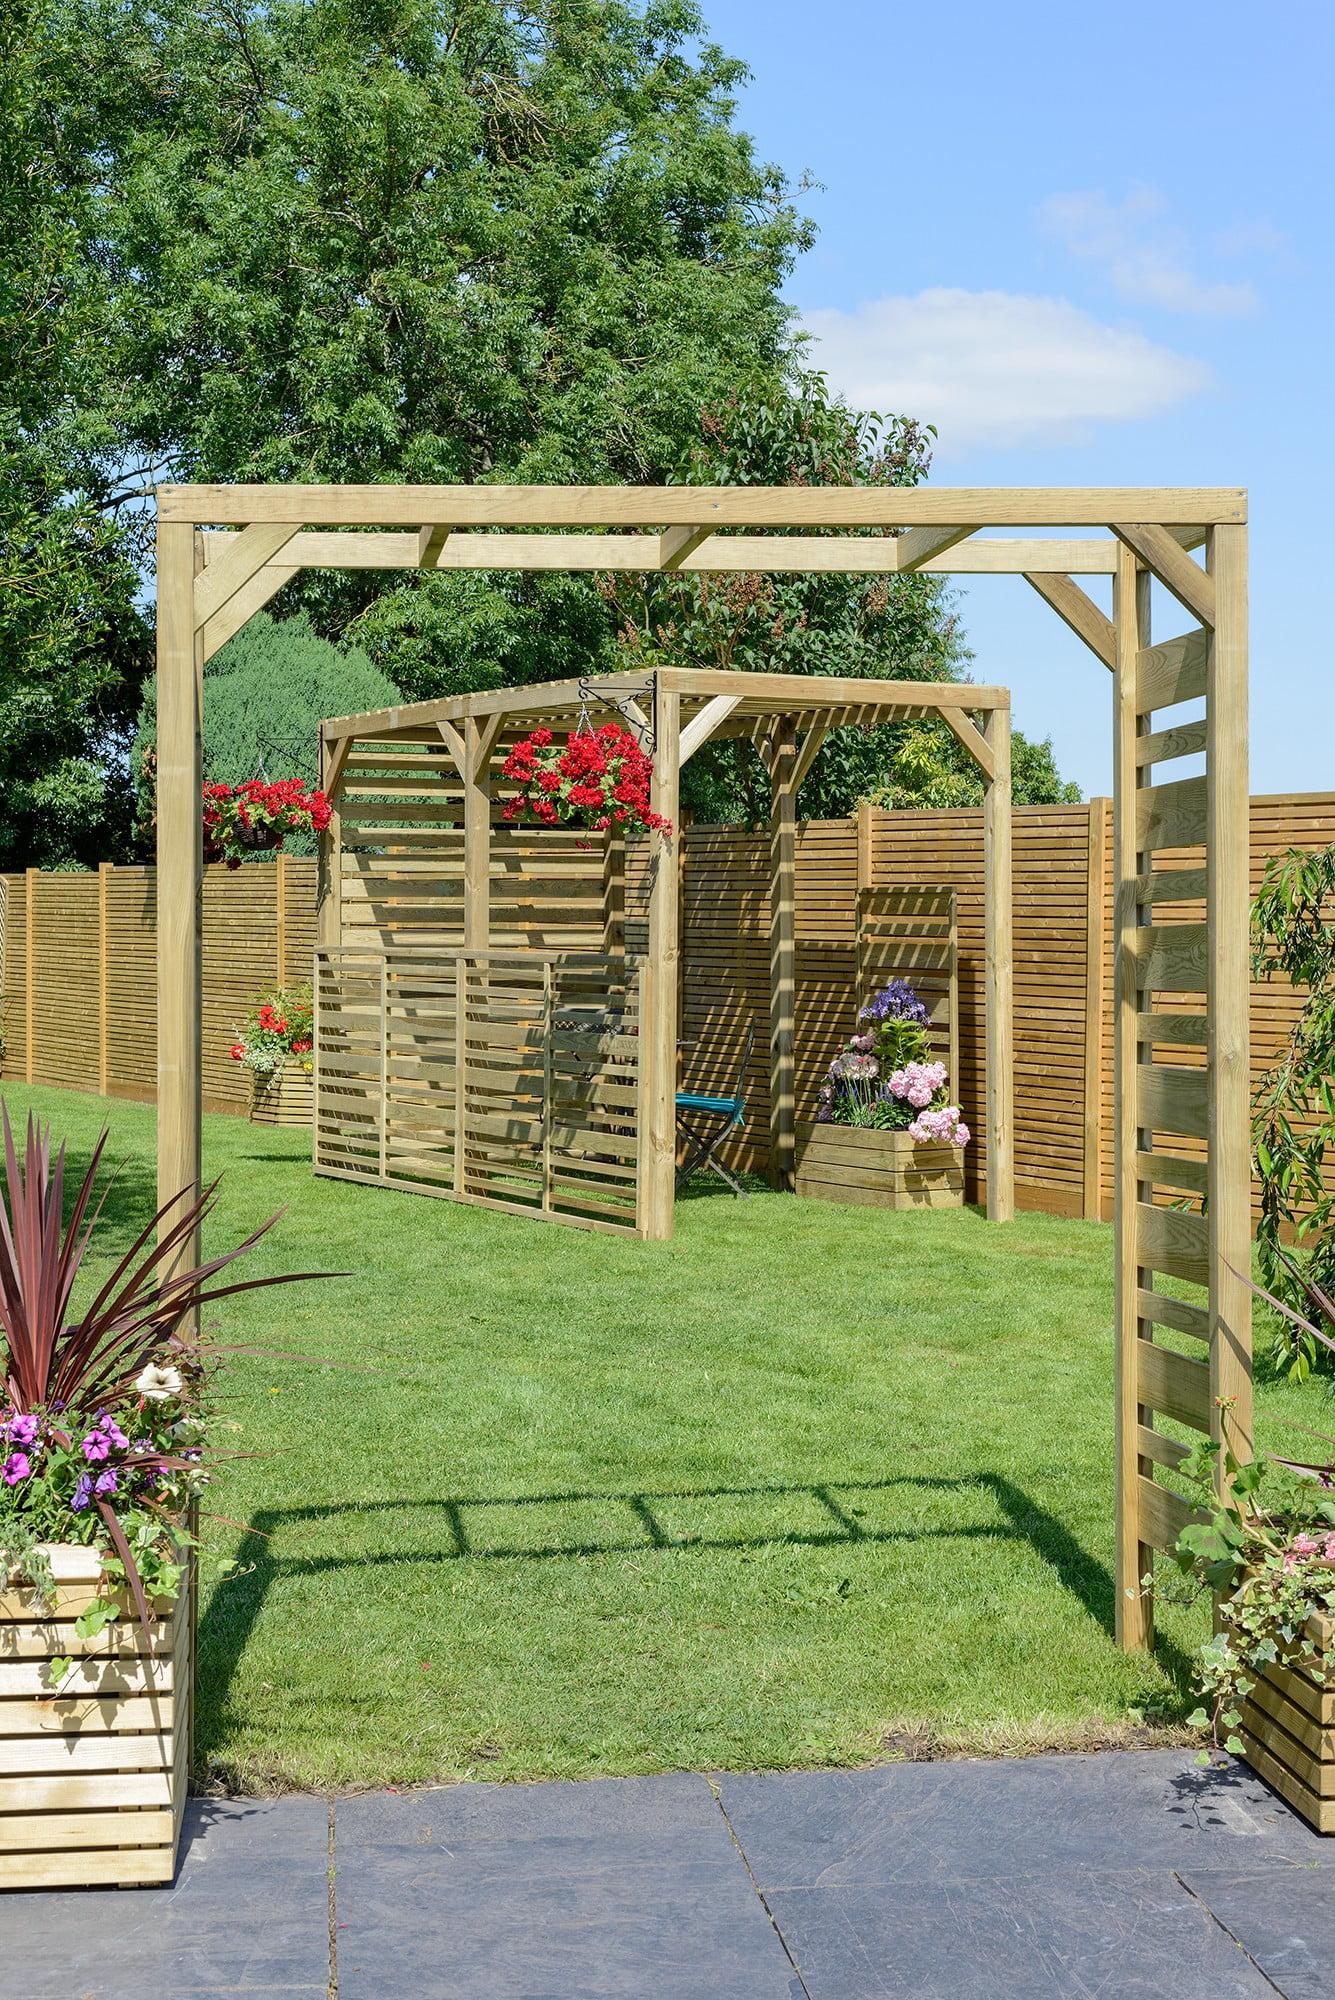 Grange Urban Garden Arch Kebur